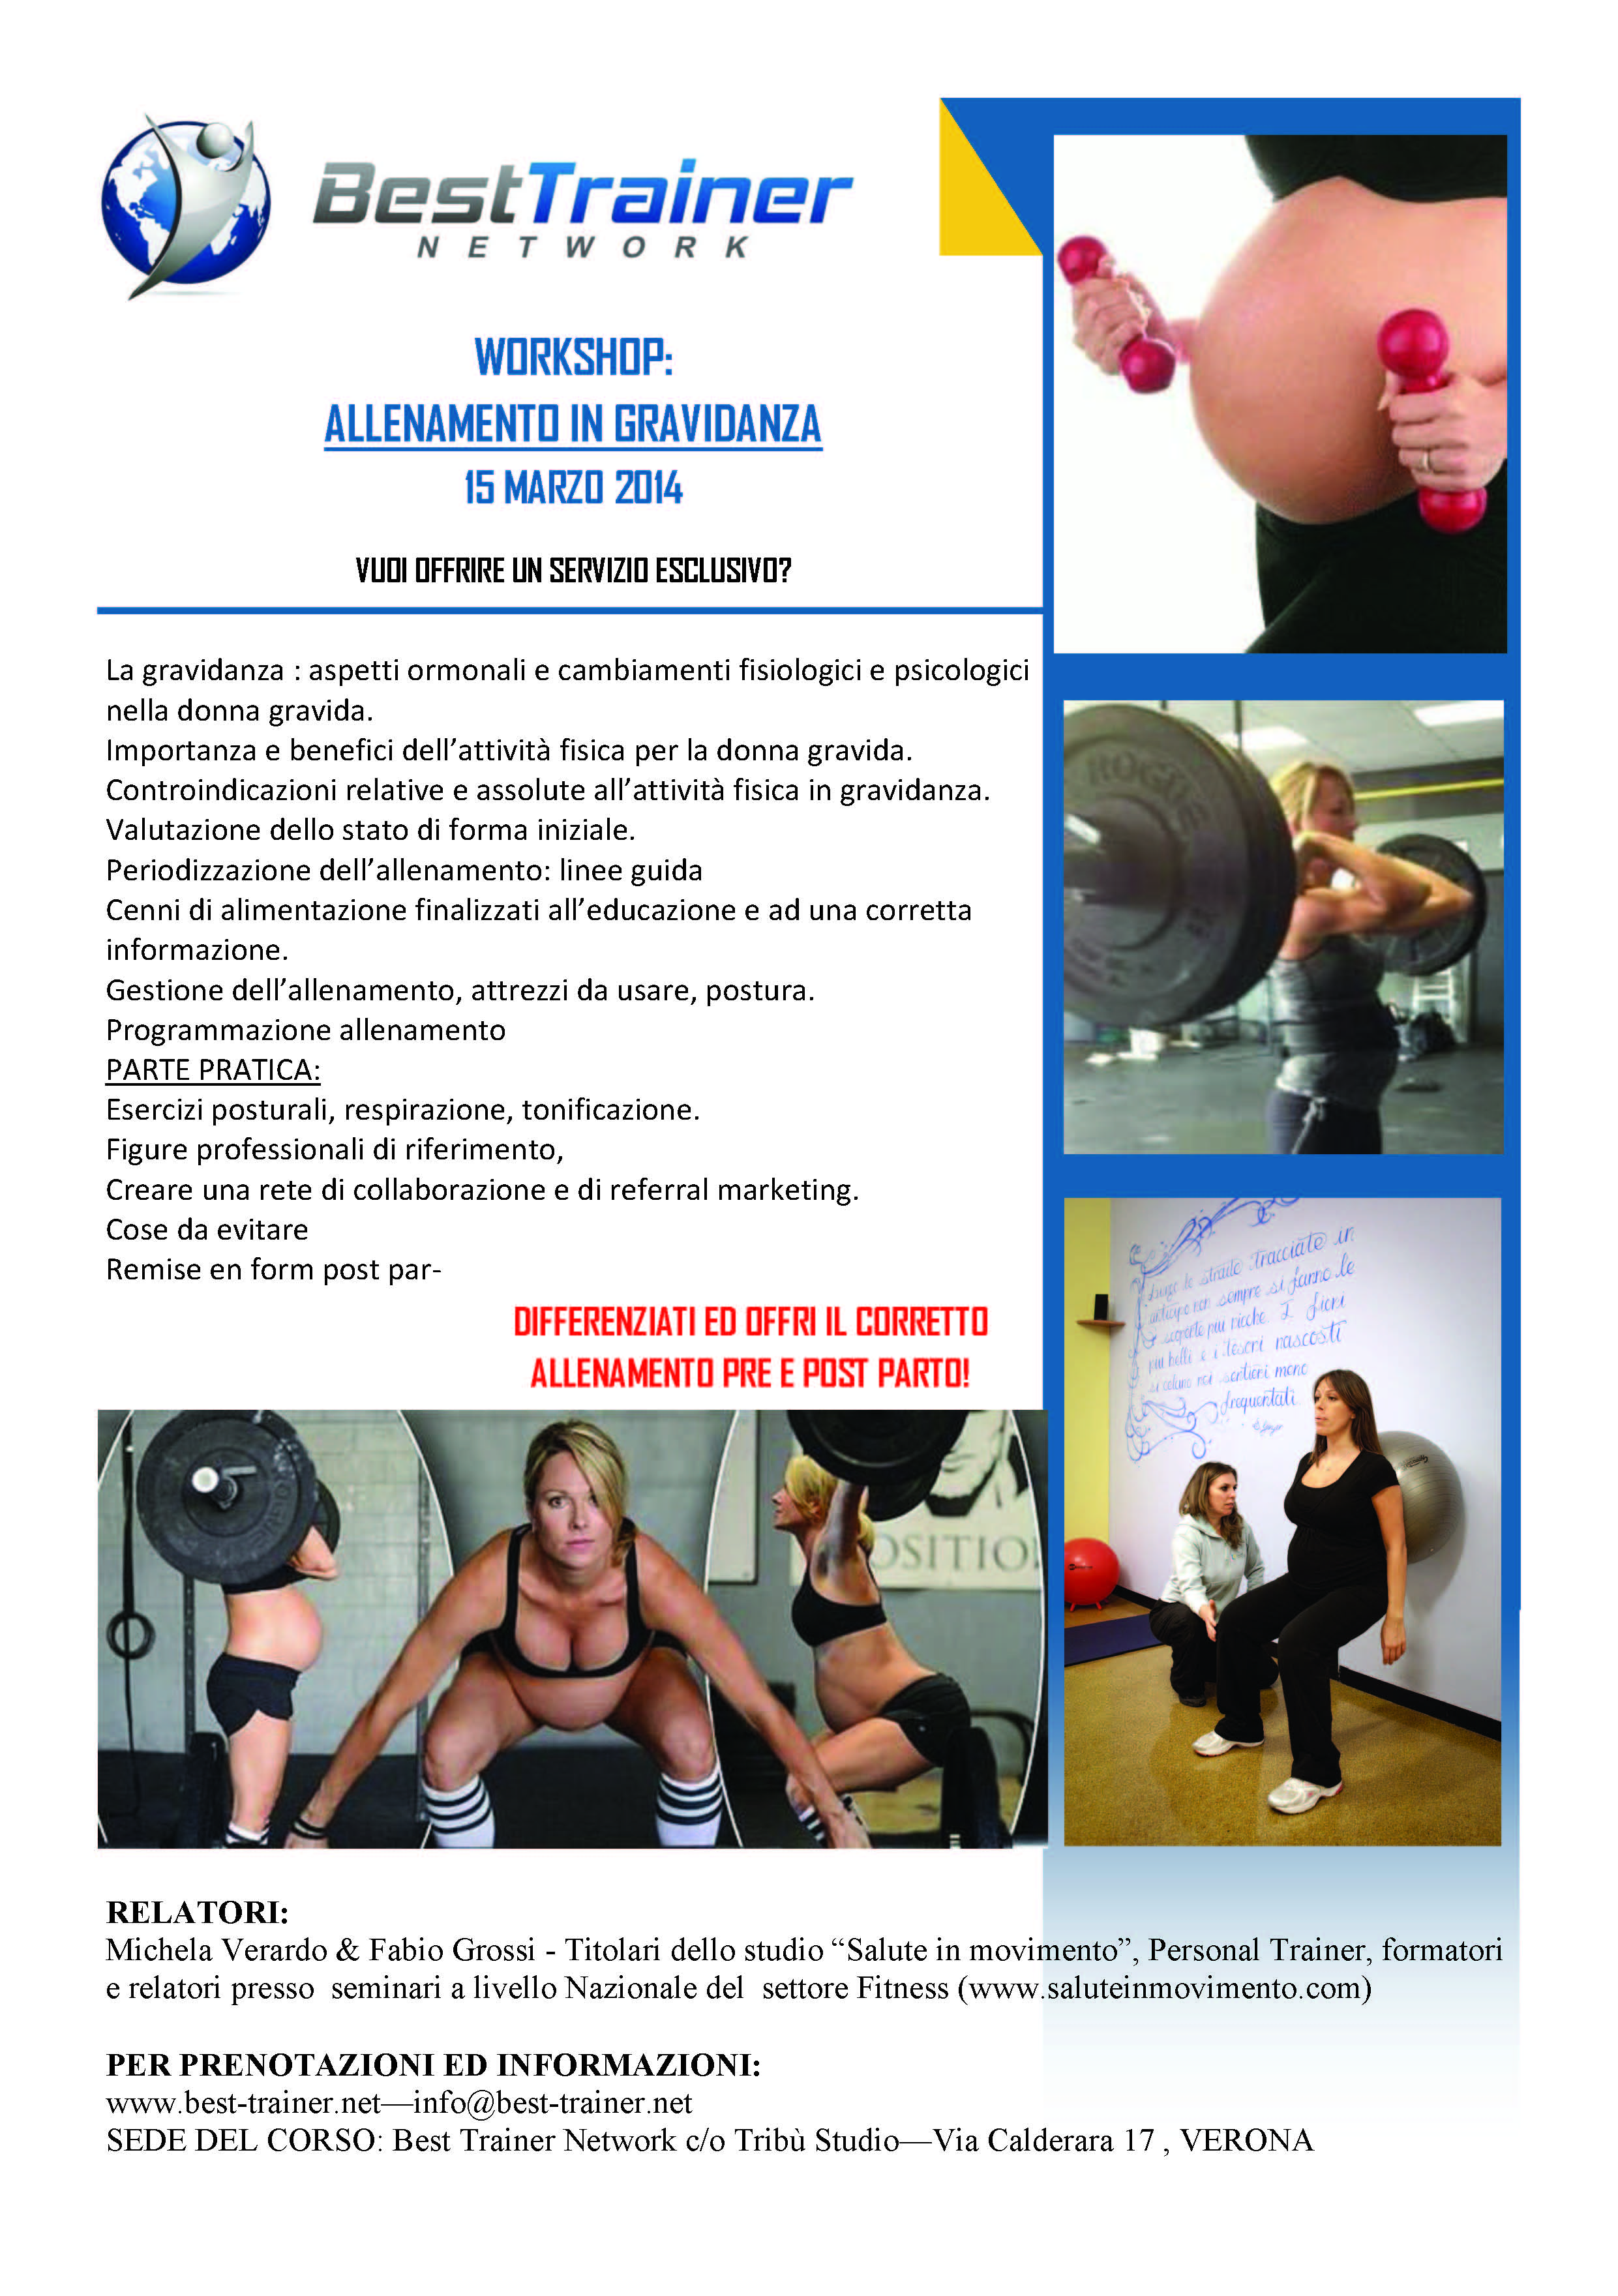 locandina allenamento in gravidanza jpg